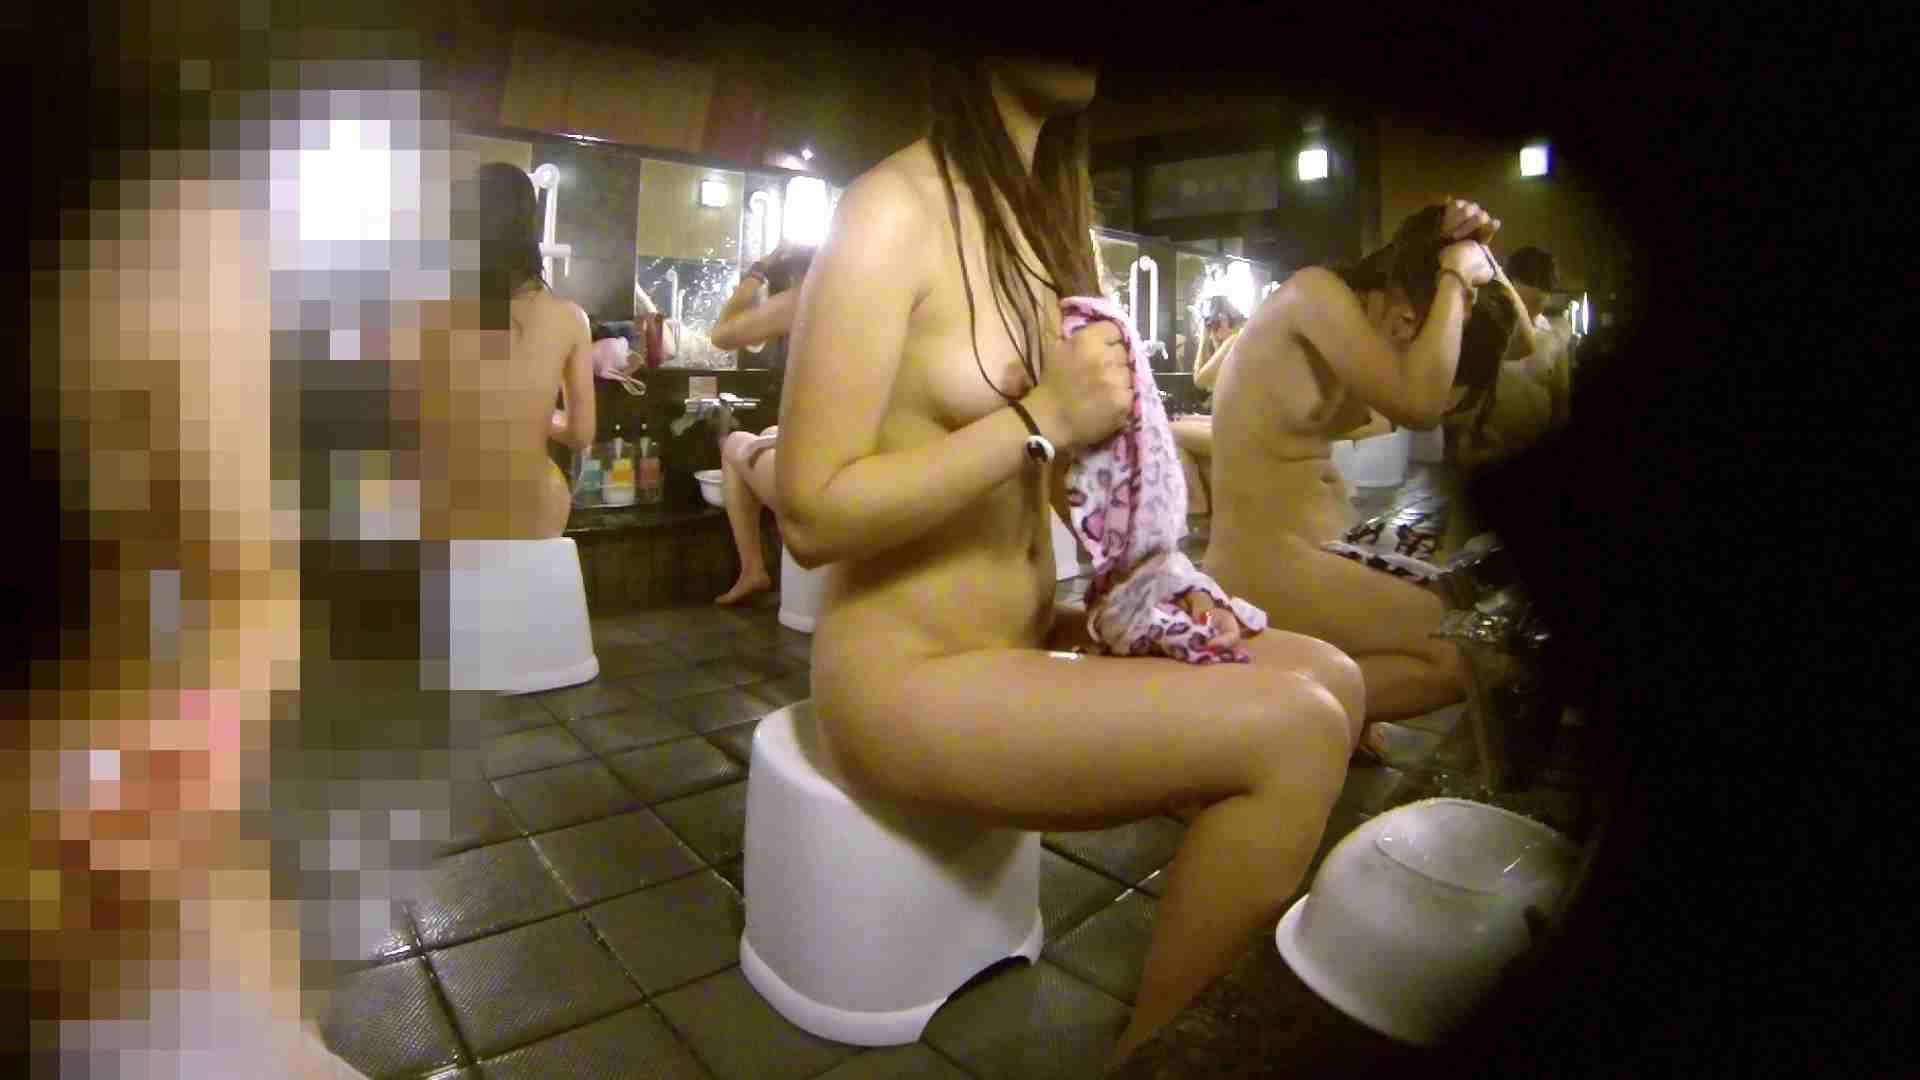 洗い場!ムッチリギャル2人組!ご飯だけでも一緒に行きたい 美肌 エロ無料画像 76枚 59